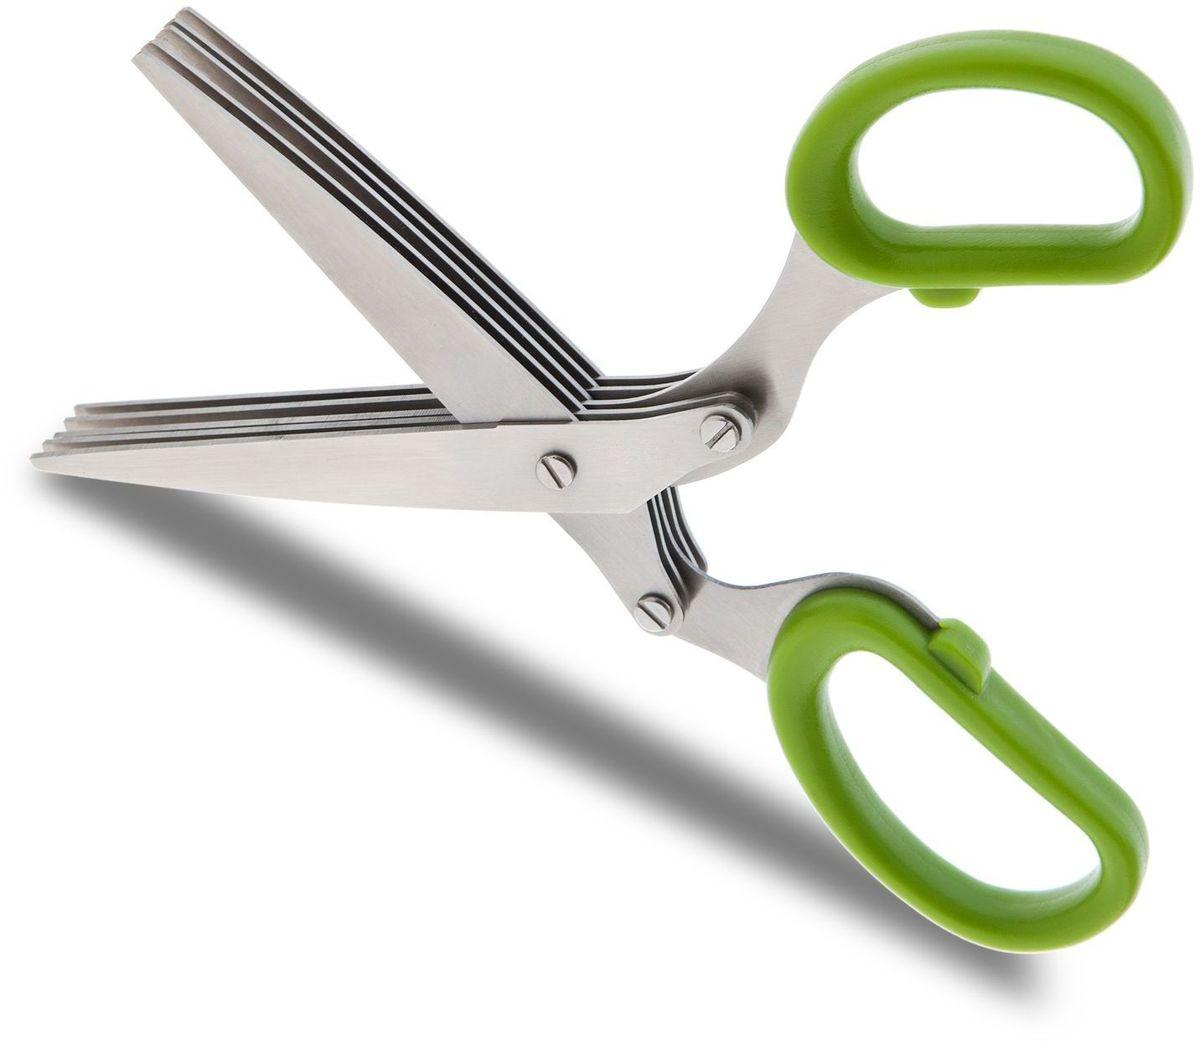 Sinbo STO 6522 ножницы кухонные68/5/4Кухонные ножницы Sinbo STO 6522 позволяют шинковать зелень просто и быстро, не прикладывая лишних усилий.